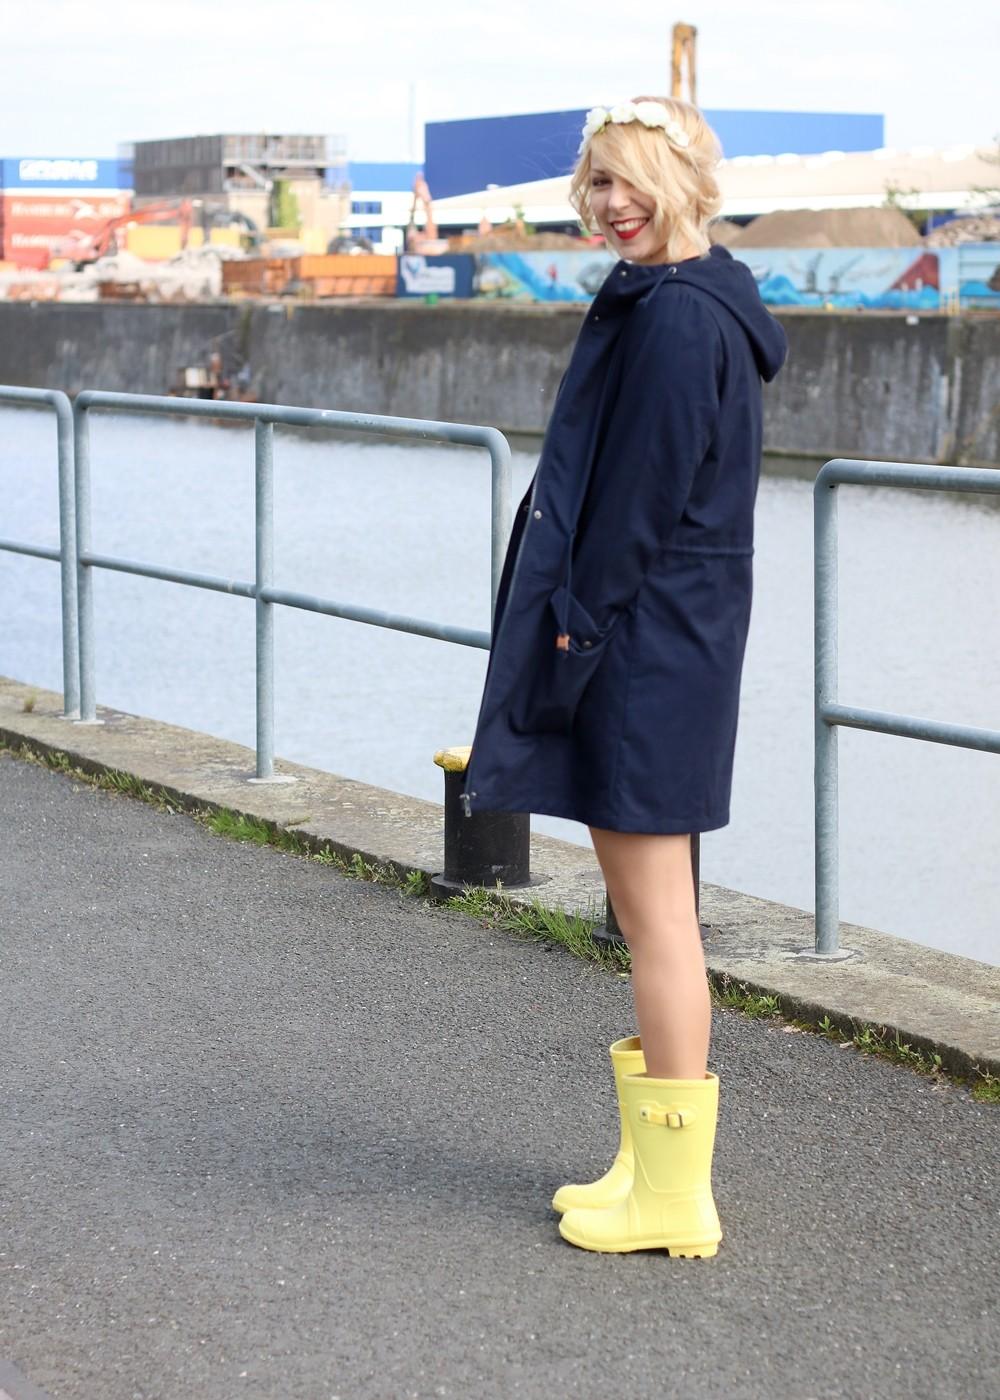 Fashionblogger Outfit Gummistiefel Asos Spitzenkleid blauer Parka Blumenhaarband (7)